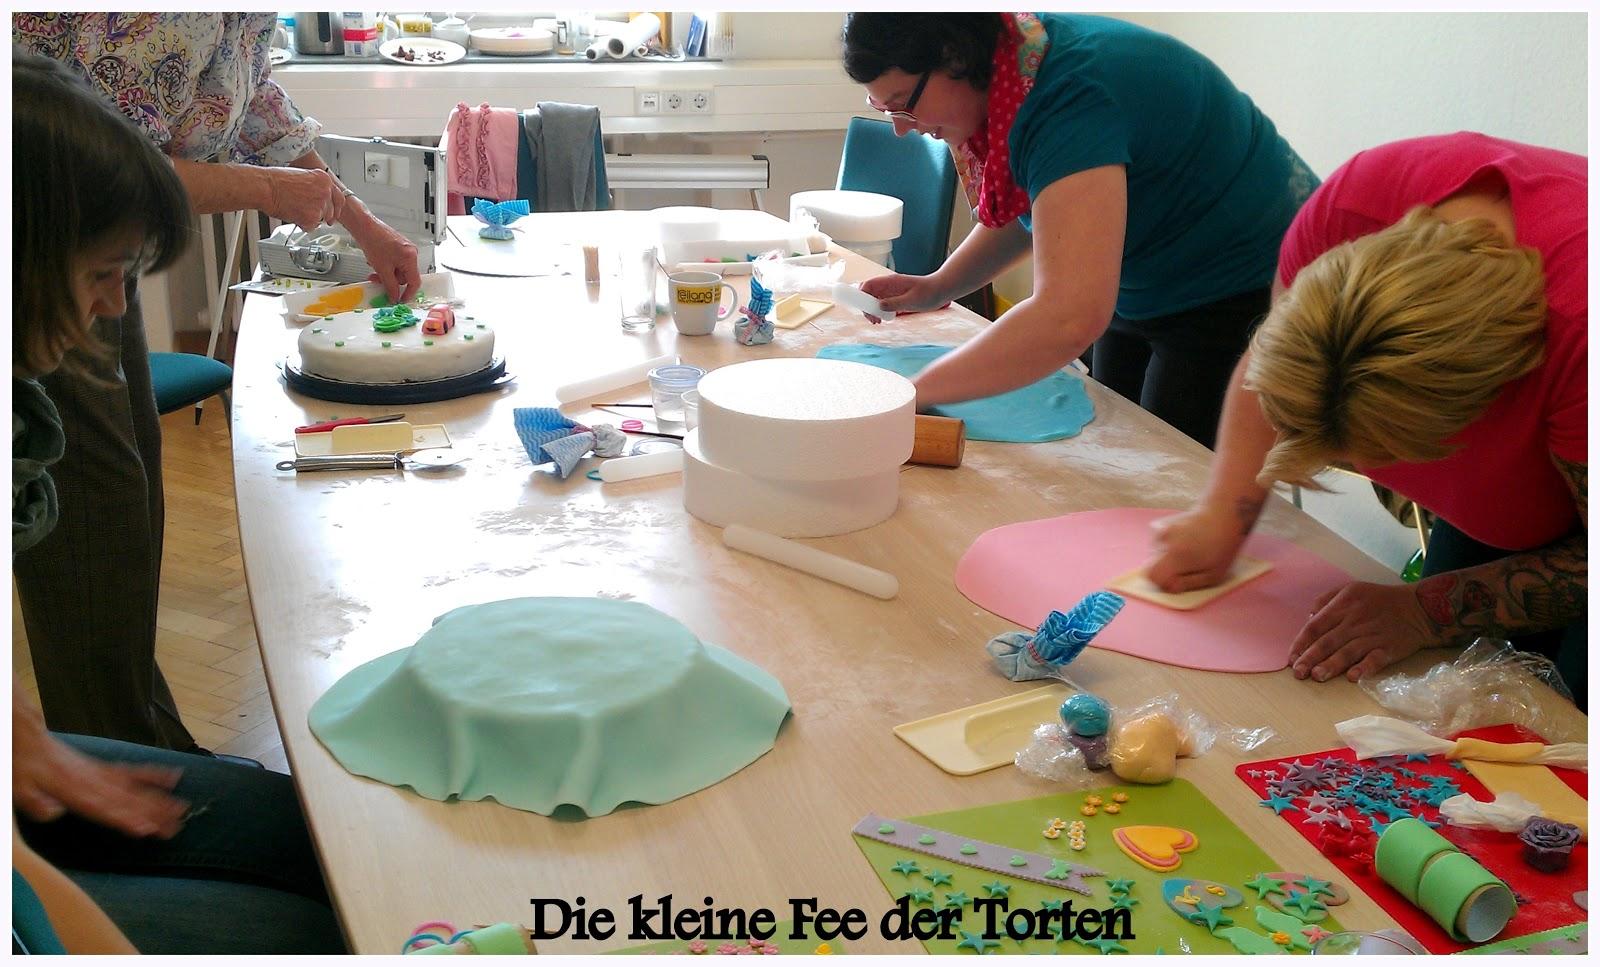 Torten verzieren lernen appetitlich foto blog f r sie - Schaufenster dekorieren lernen ...